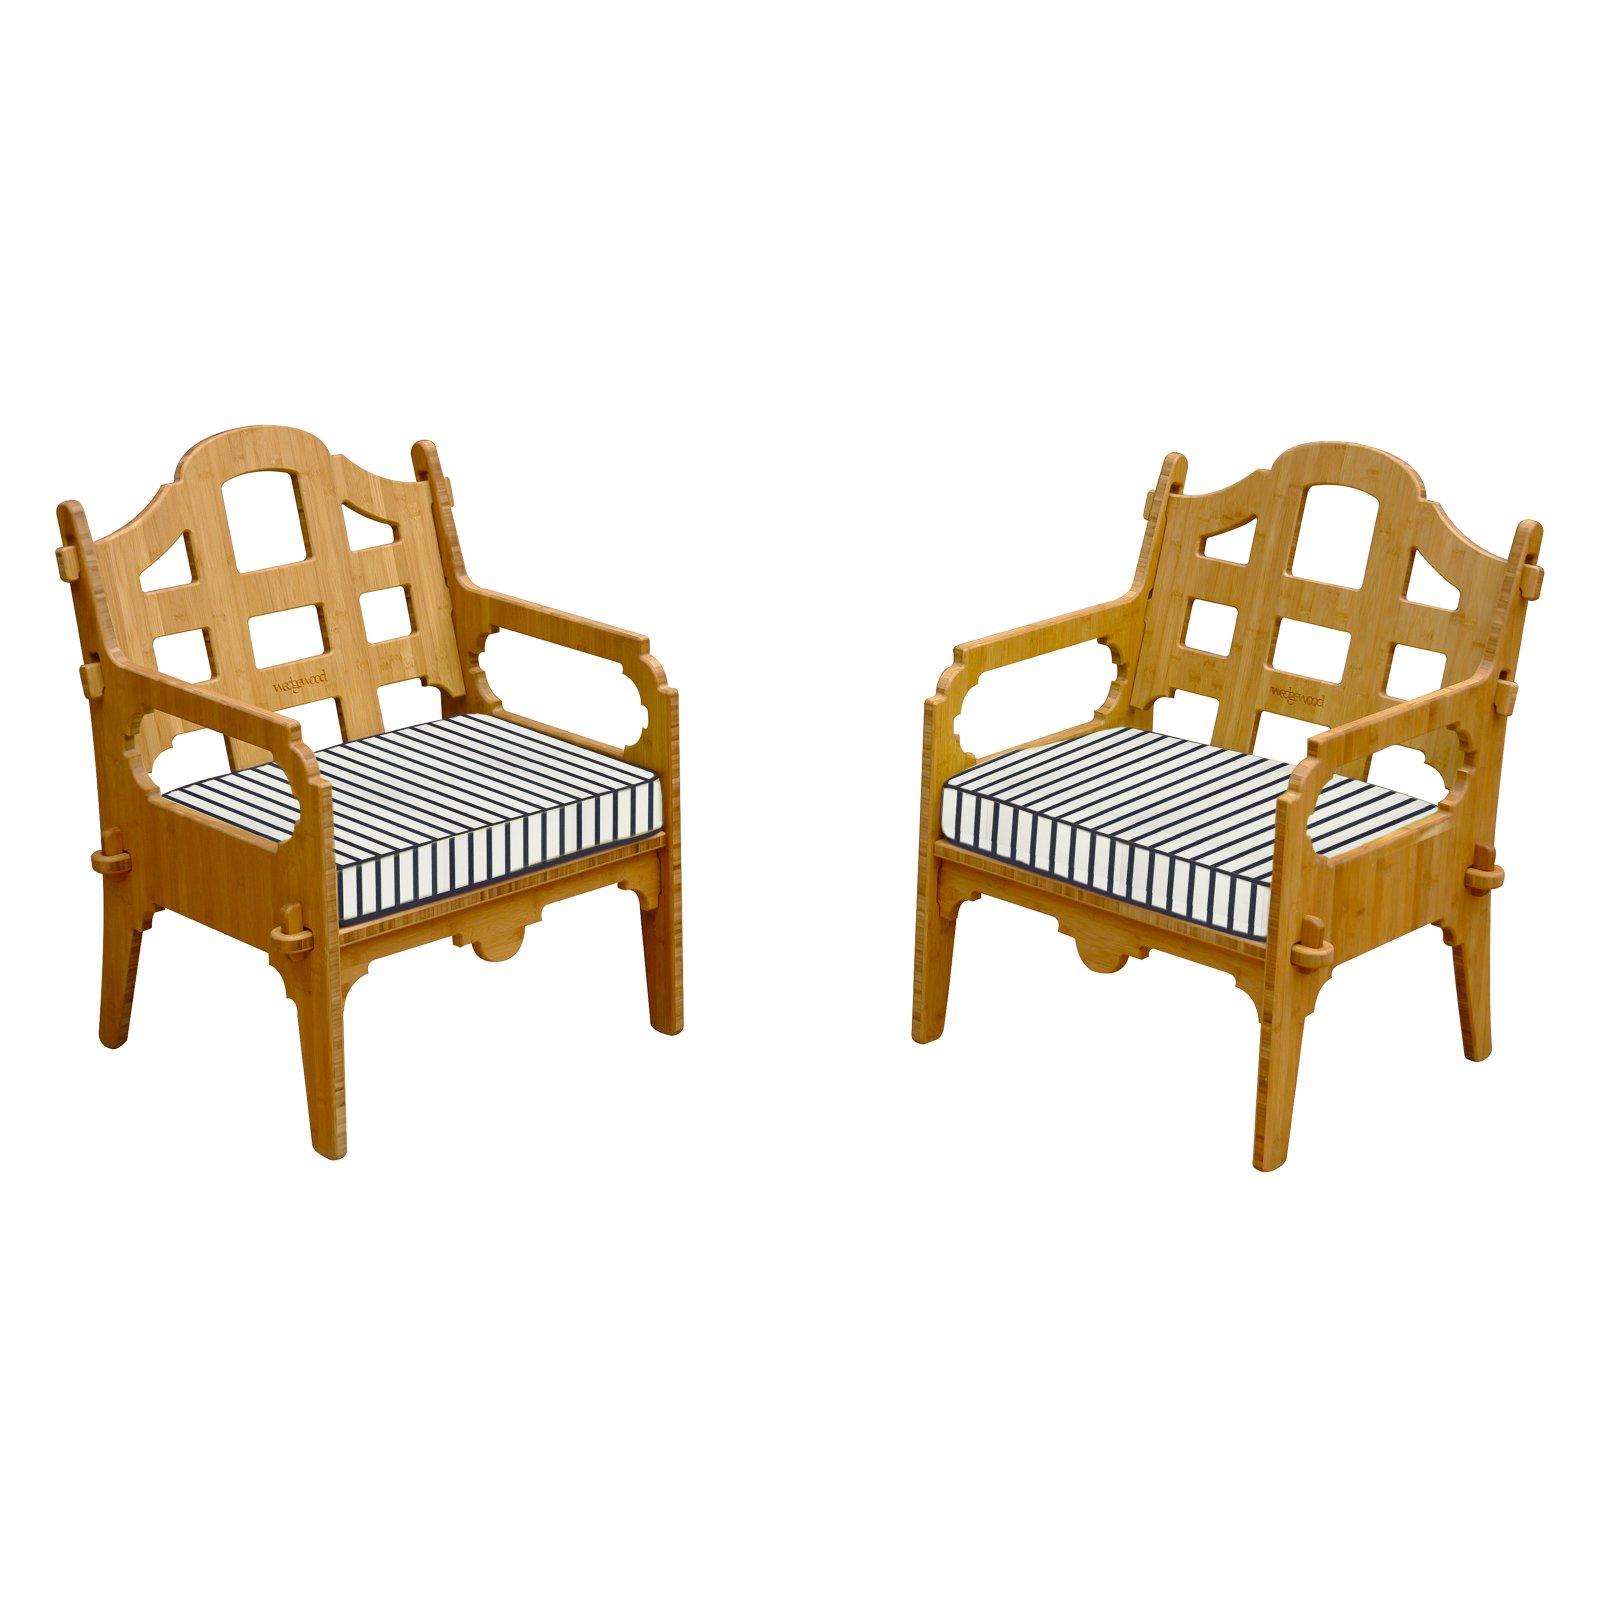 Sensational Wedgewood Furniture Palladian Outdoor Lounge Chair Set Of Inzonedesignstudio Interior Chair Design Inzonedesignstudiocom